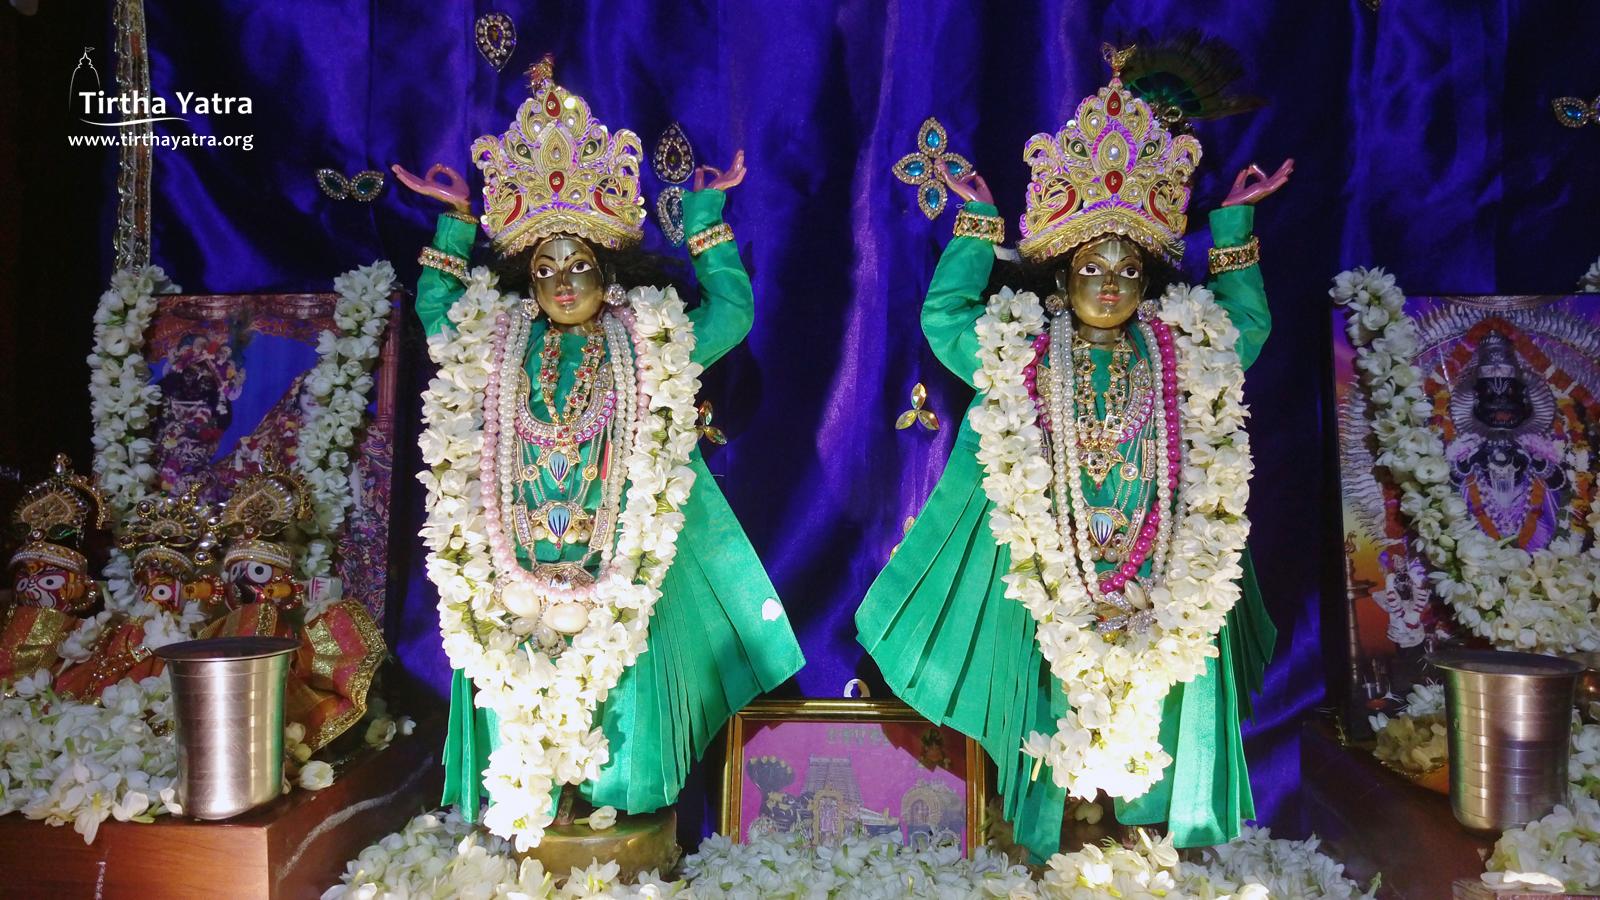 Sri Params Karuna Nityananda